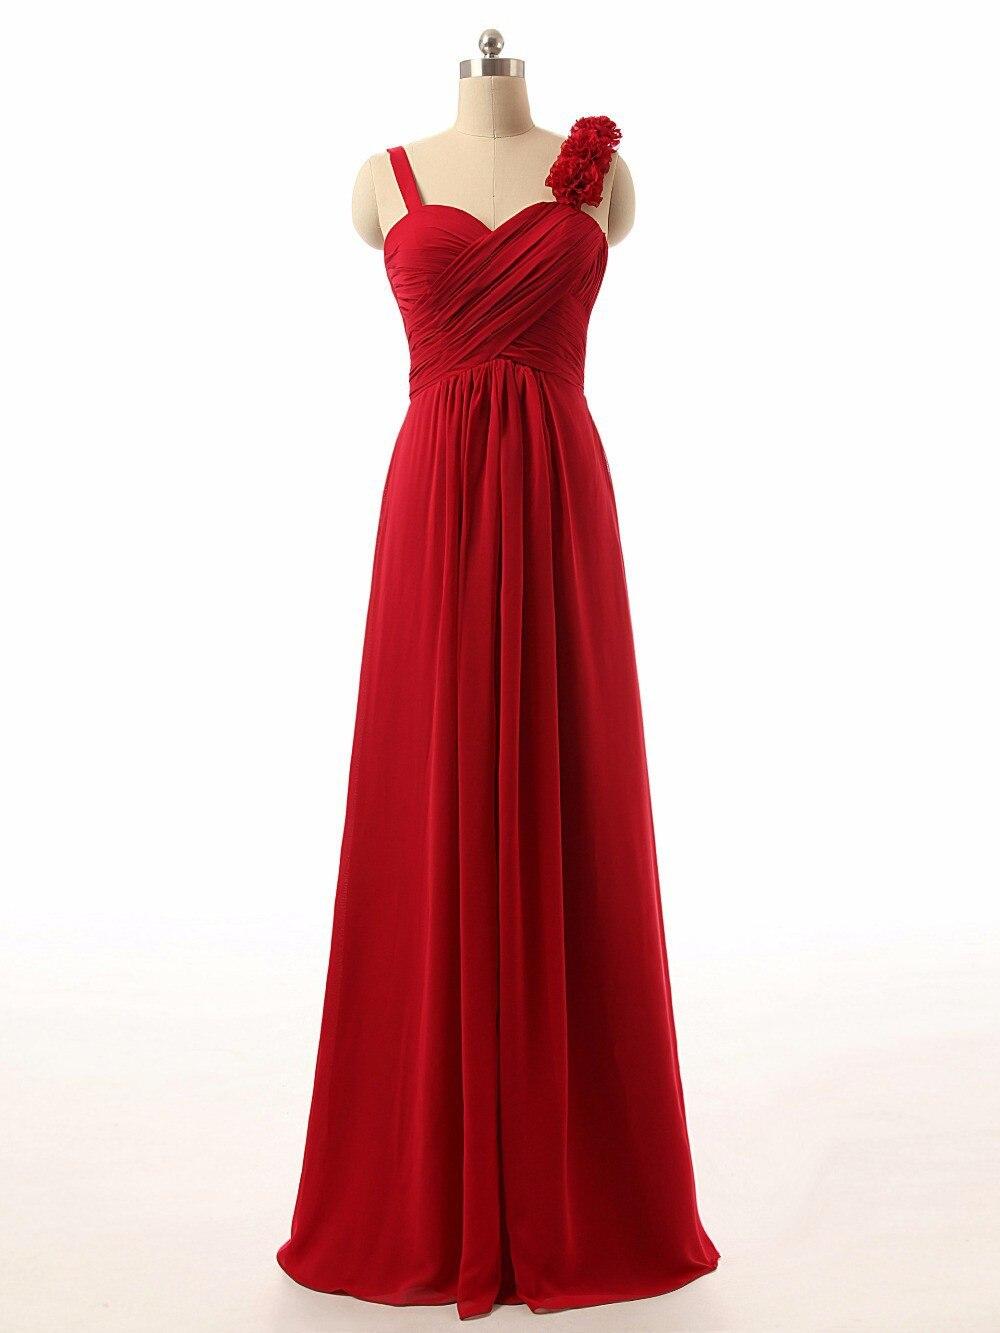 2018 chiffon pink / champagne   dress     bridesmaid     dress   hot long   dress   US 4-6-8-10-12-14-16-14